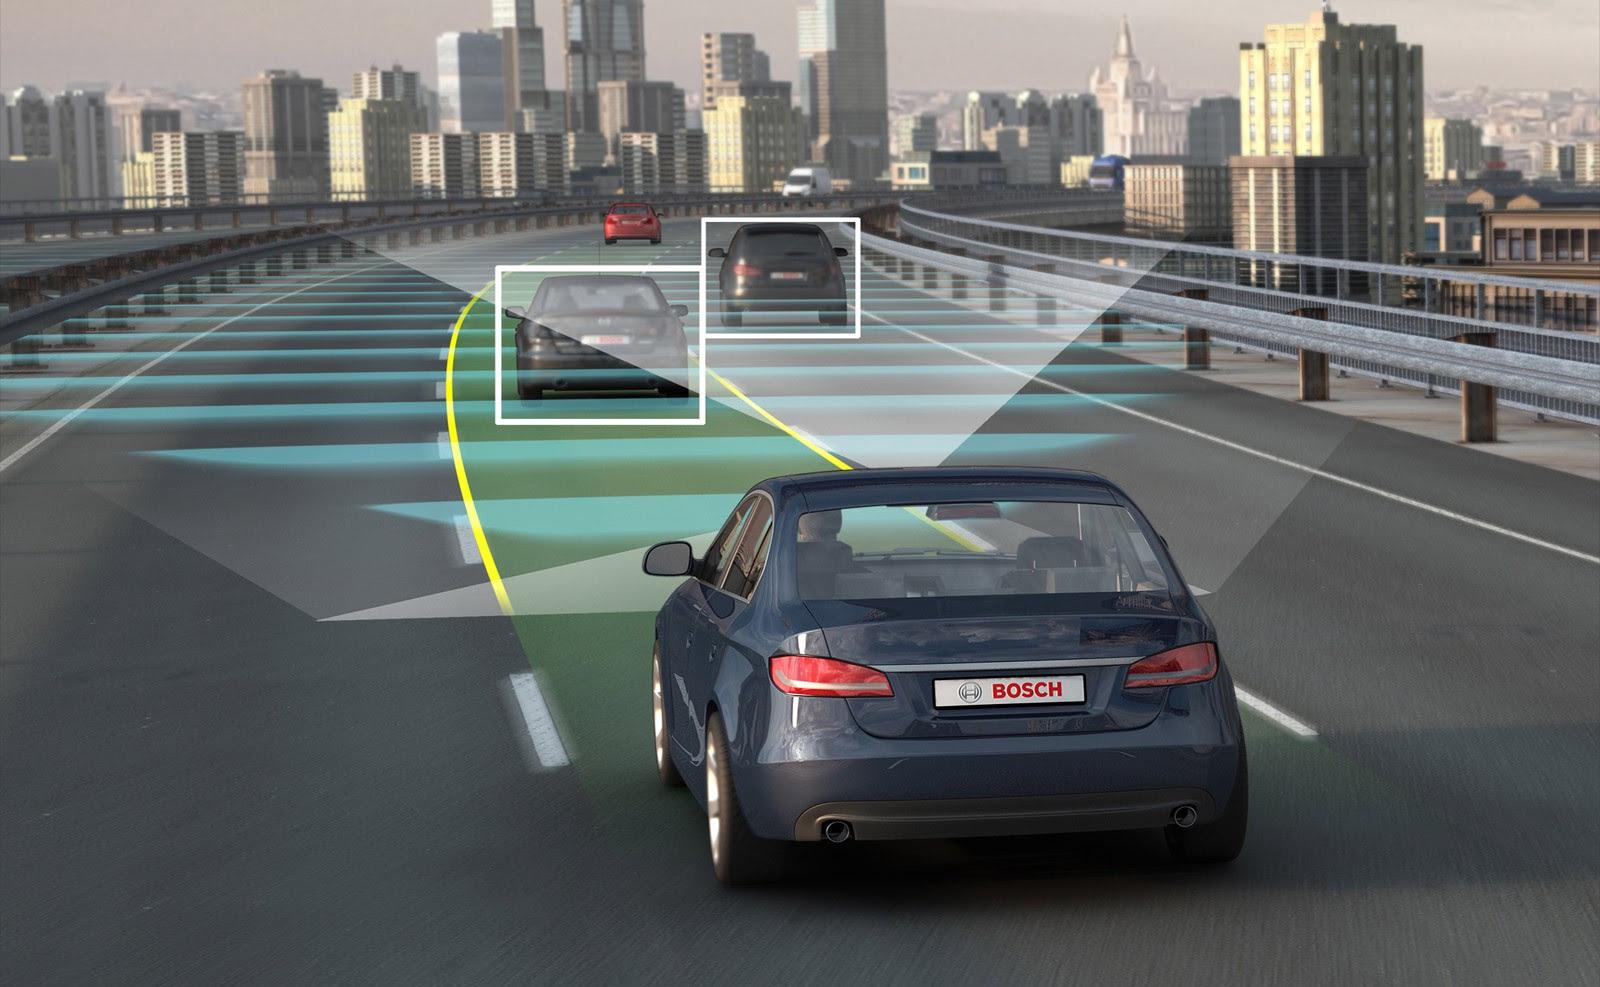 LG desarrollará nuevos servicios para vehículos autónomos